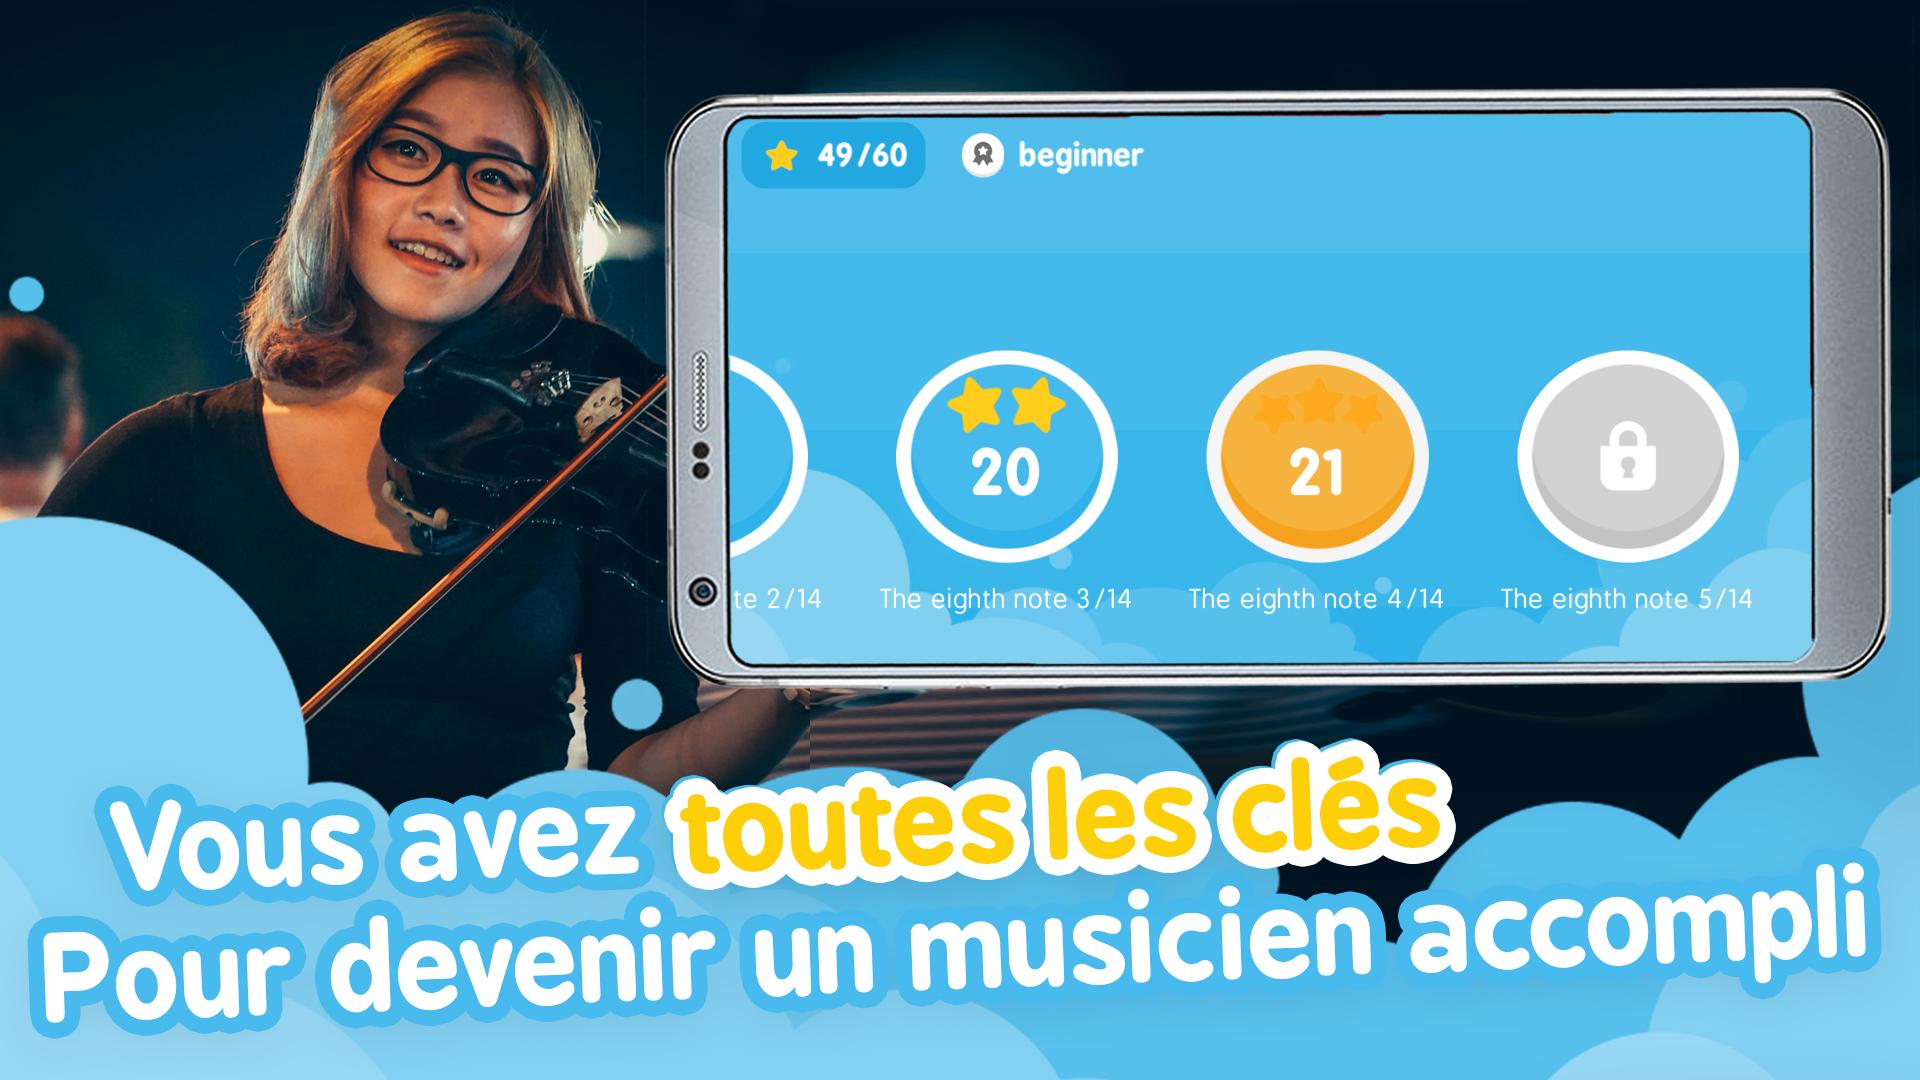 école de rythme en ligne sur internet pour apprendre le rythme et s'améliorer avec son instrument